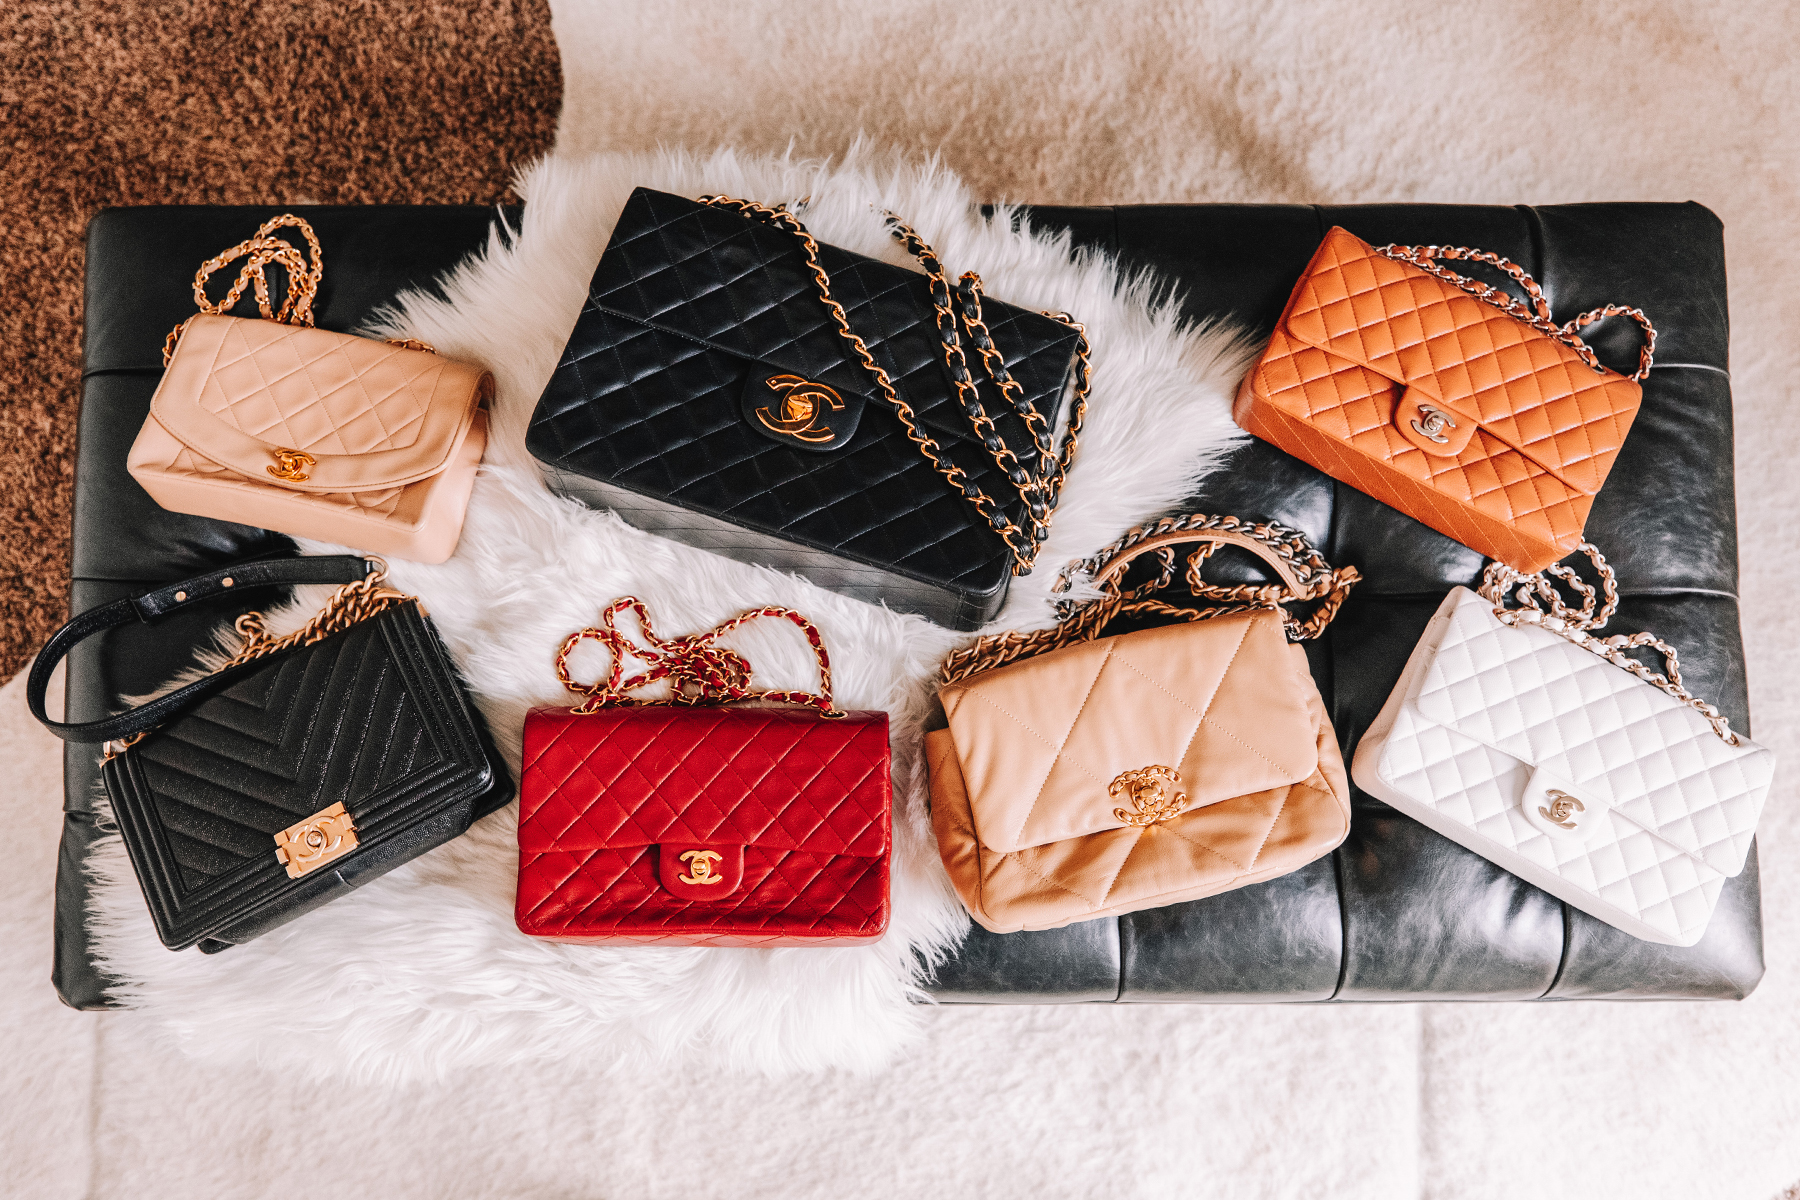 Fashion Jackson Chanel Handbag Collection 2